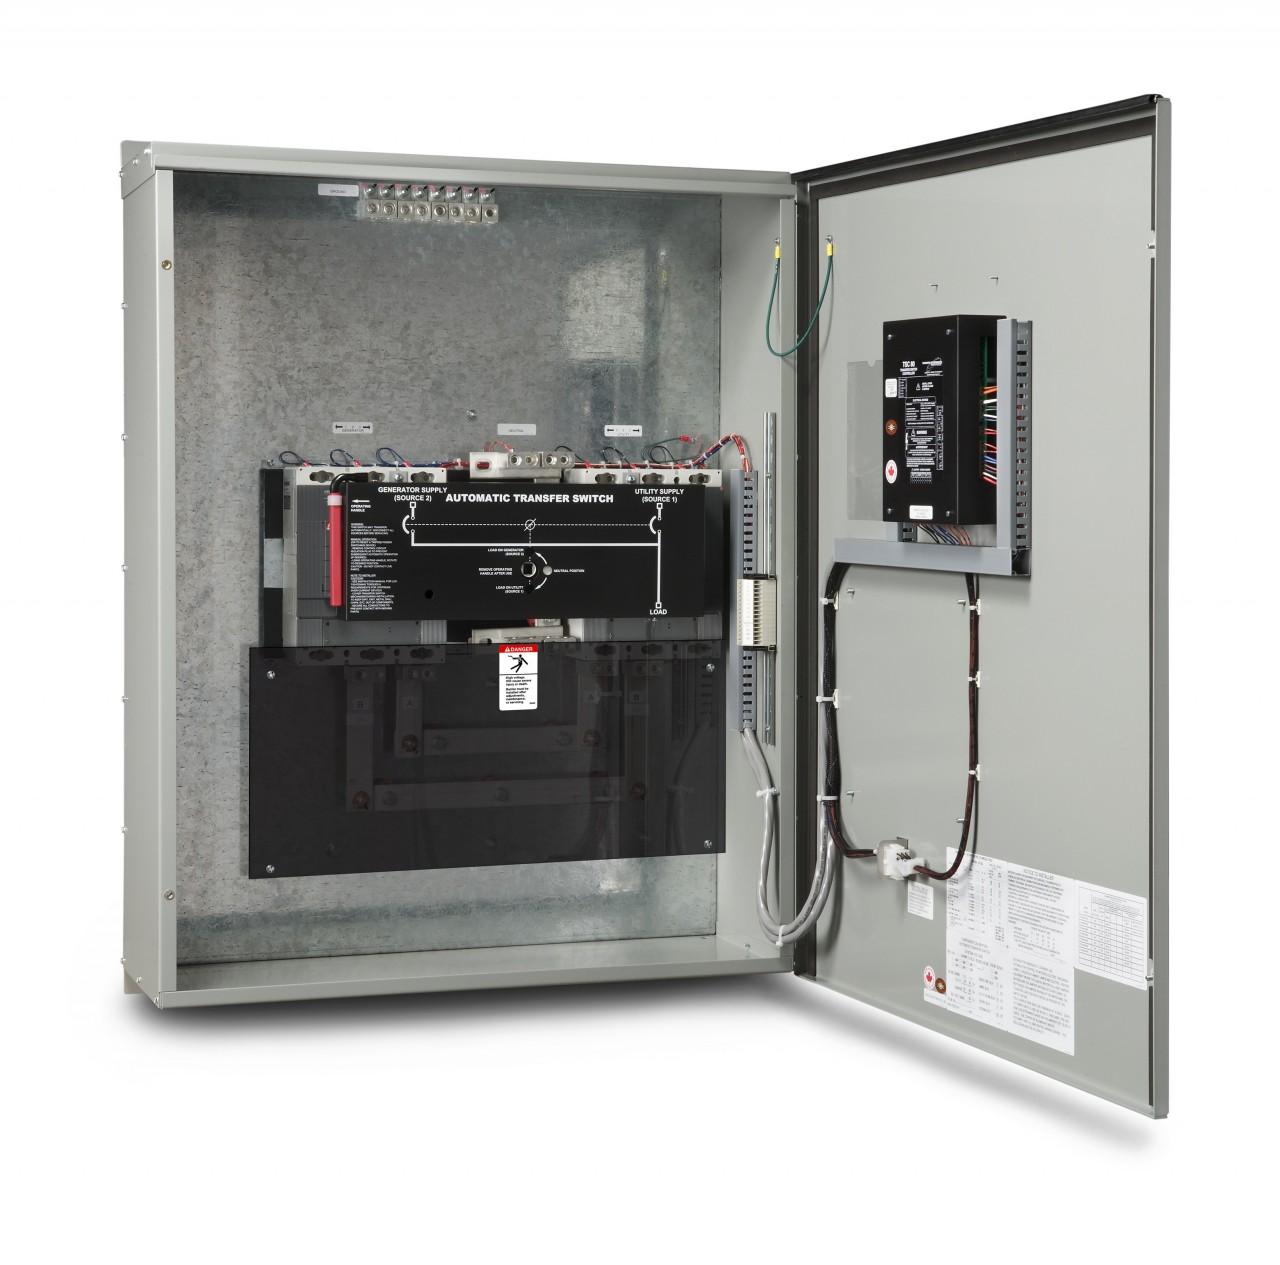 Thomson TS840SE Auto Transfer Switch (1Ph, 250A)